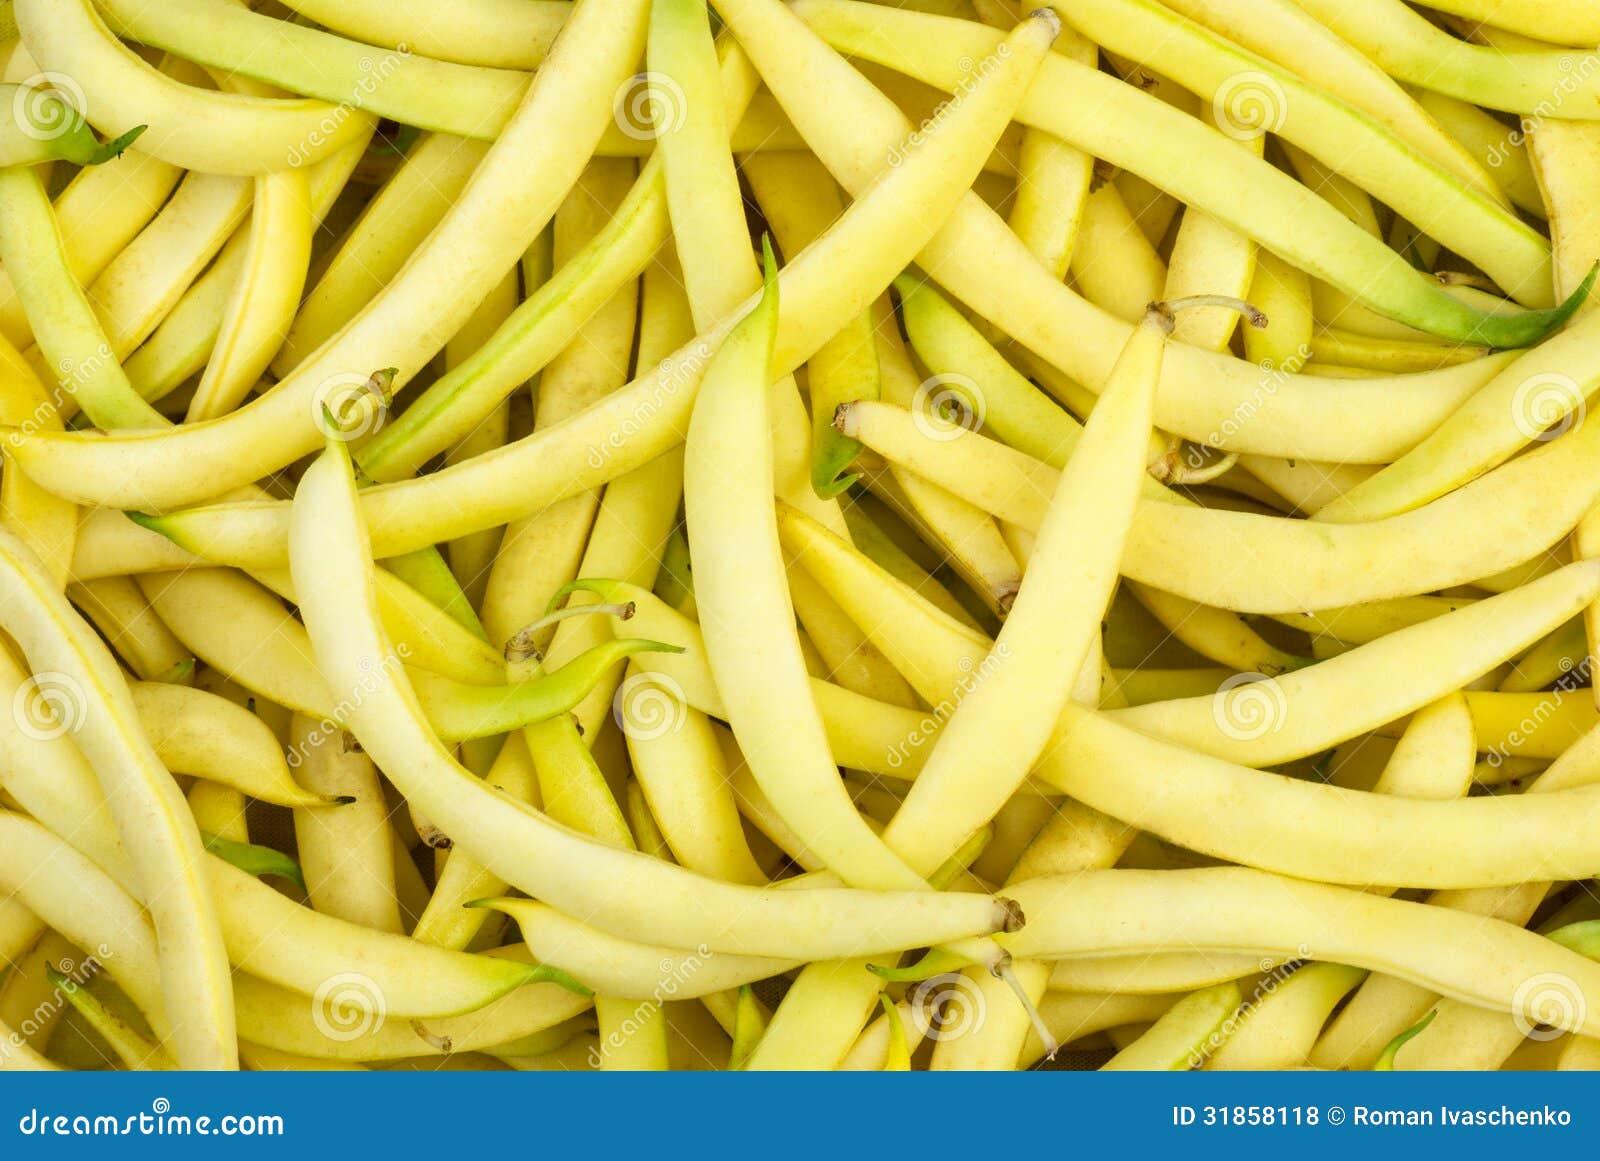 Haricots instantanés de cire jaune